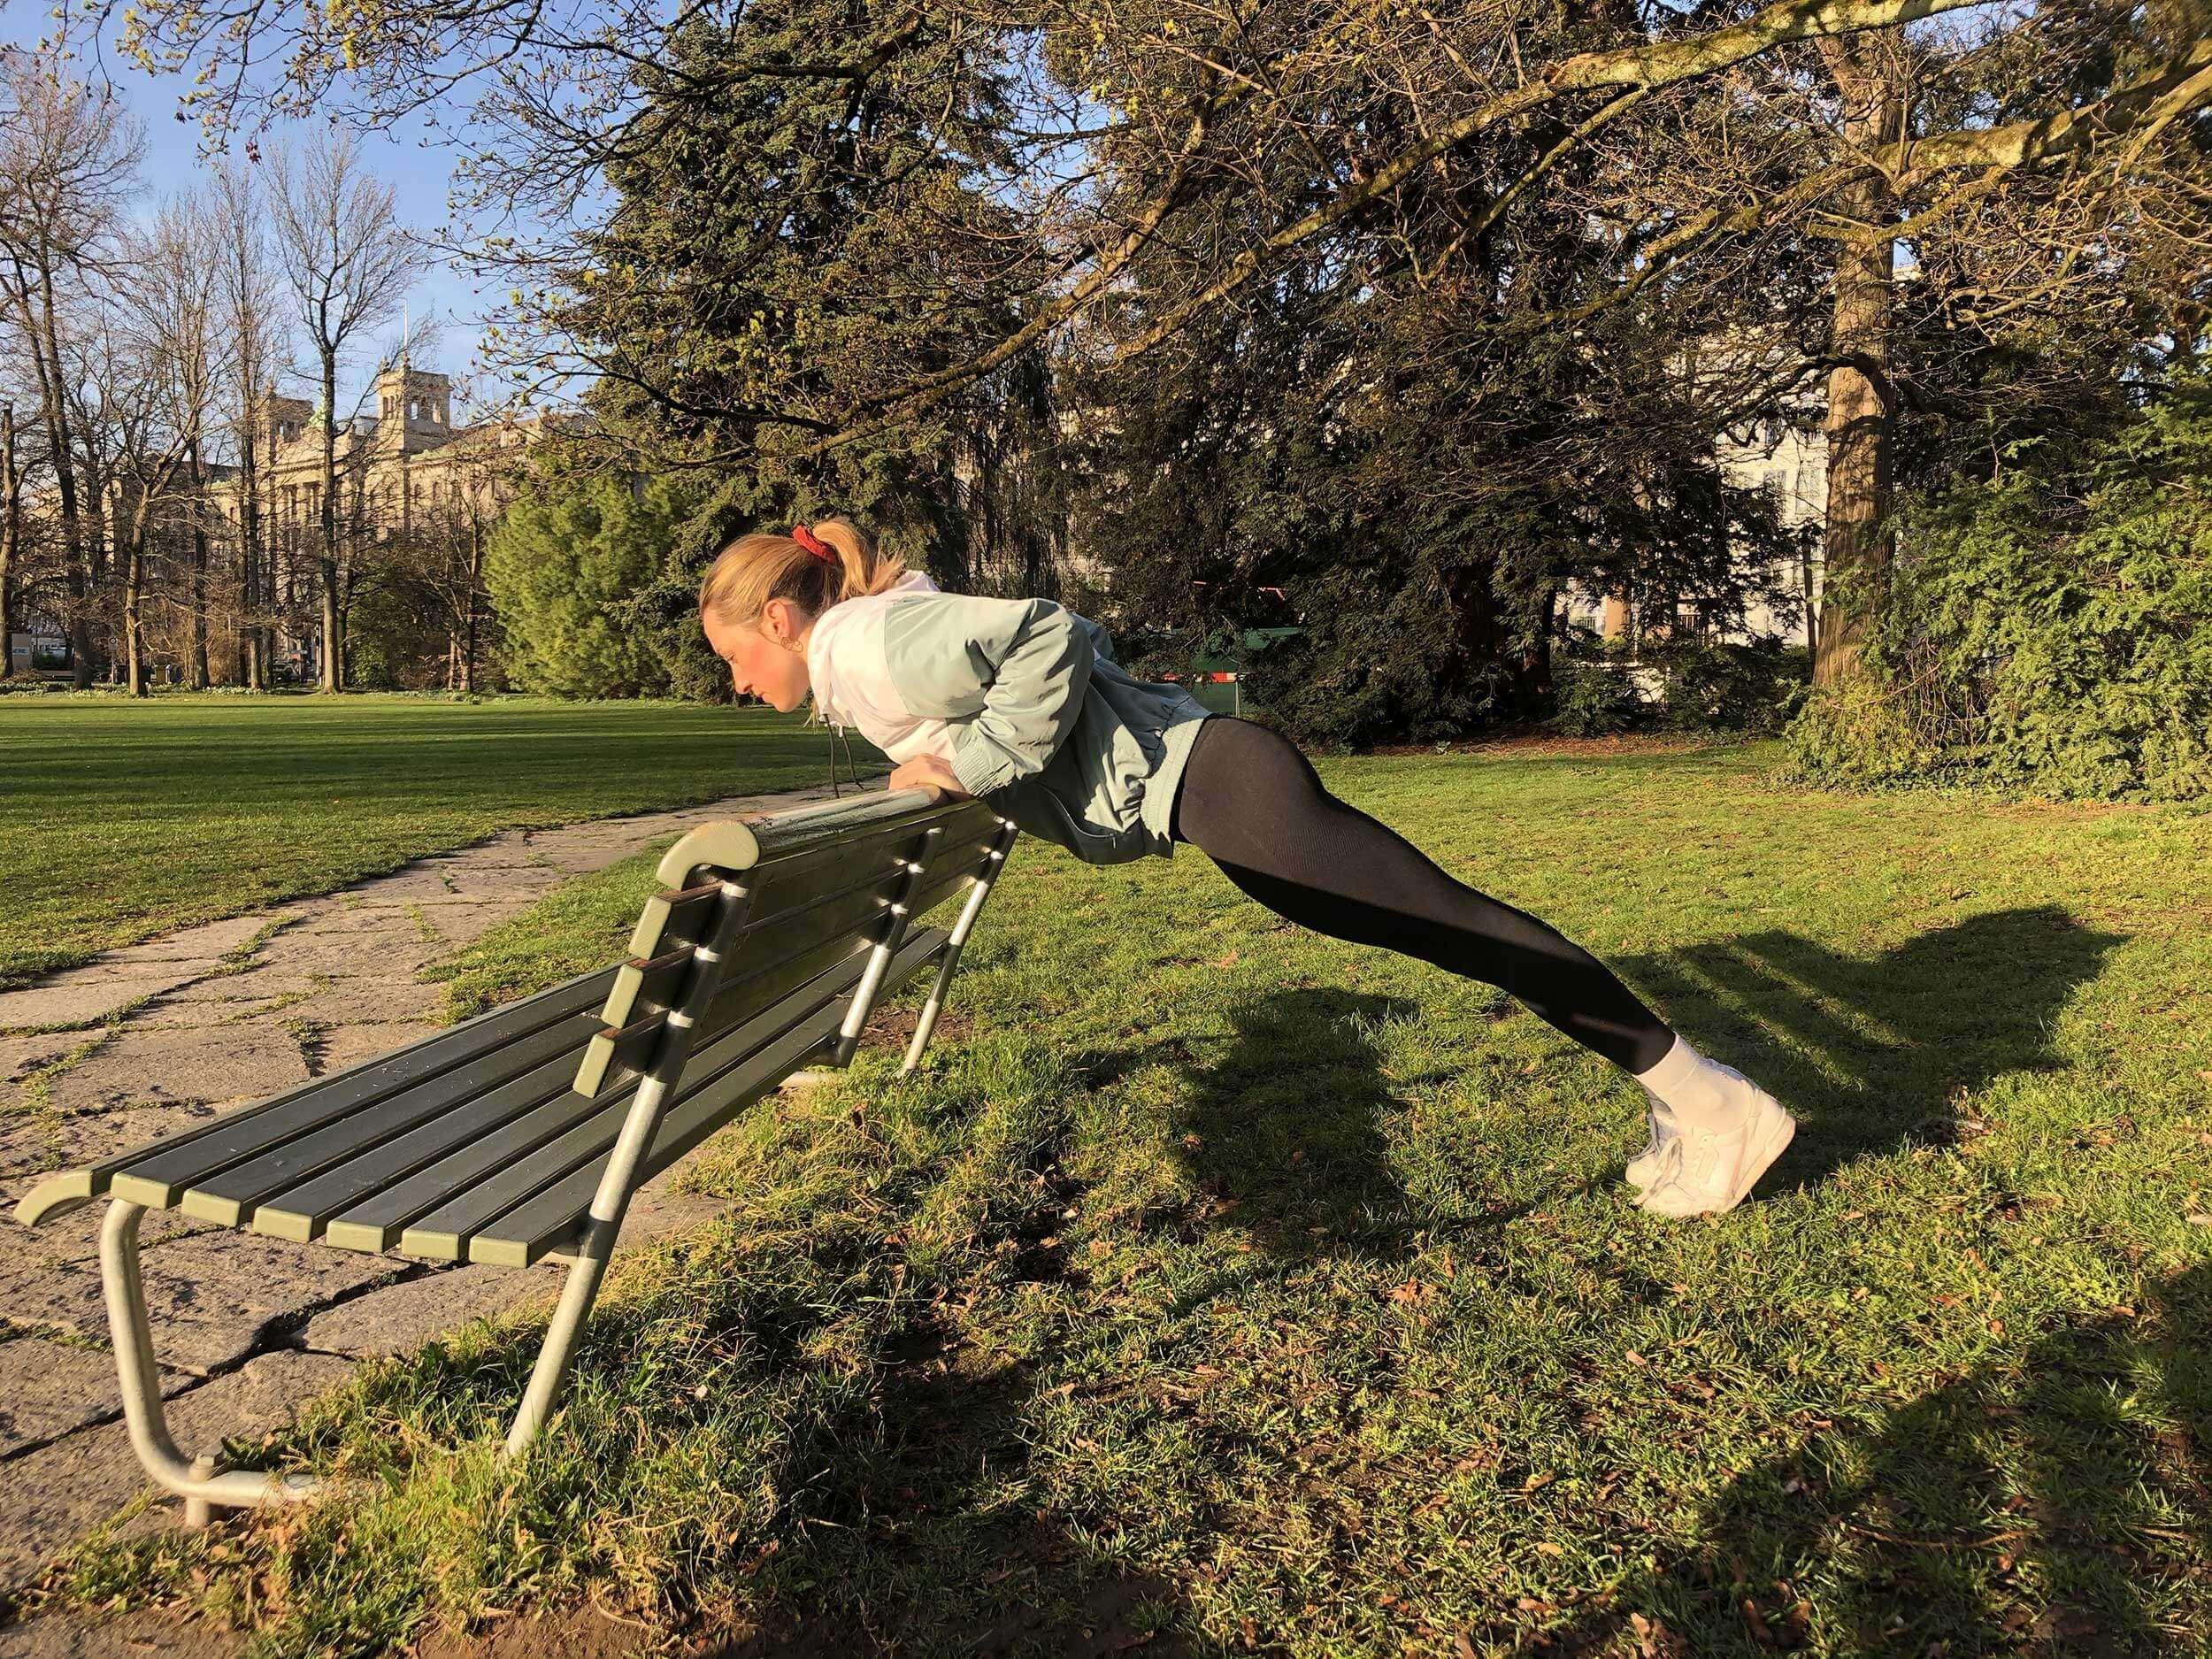 Il est important pendant toute la durée de l'exercice d'avoir le dos droit et une bonne tension du corps.